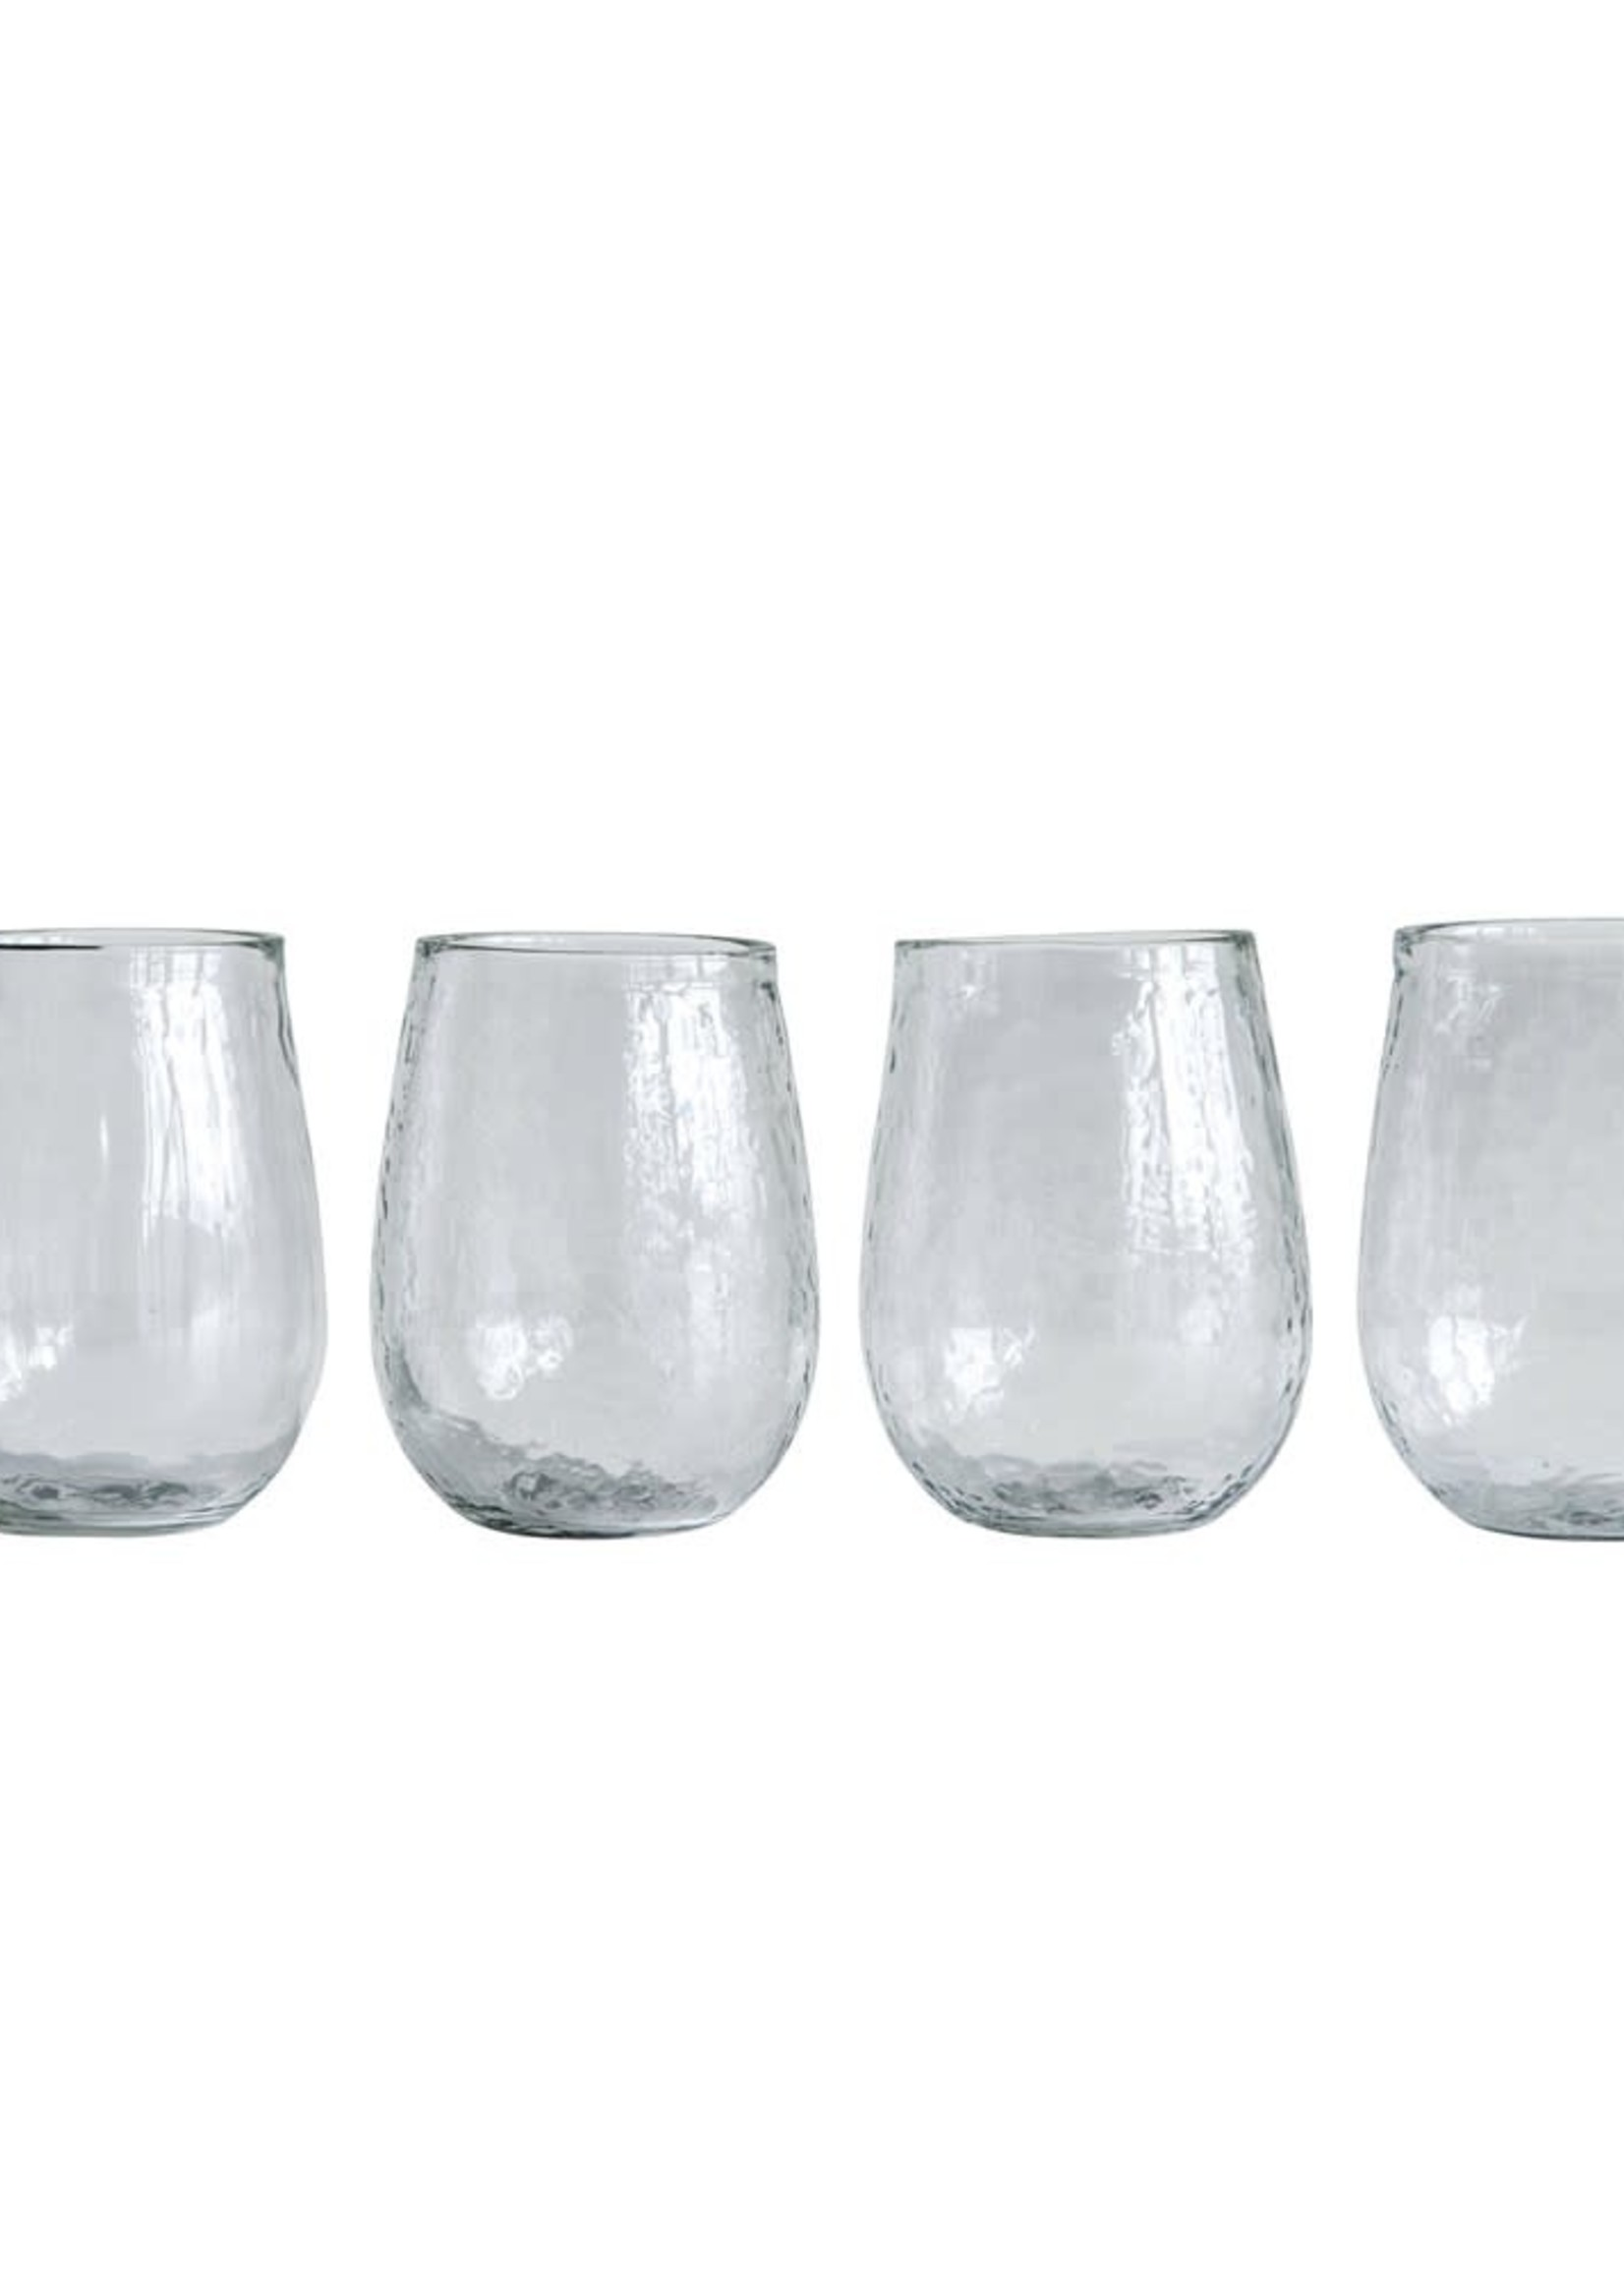 14 oz. Recycled Glass Stemless Wine Glass